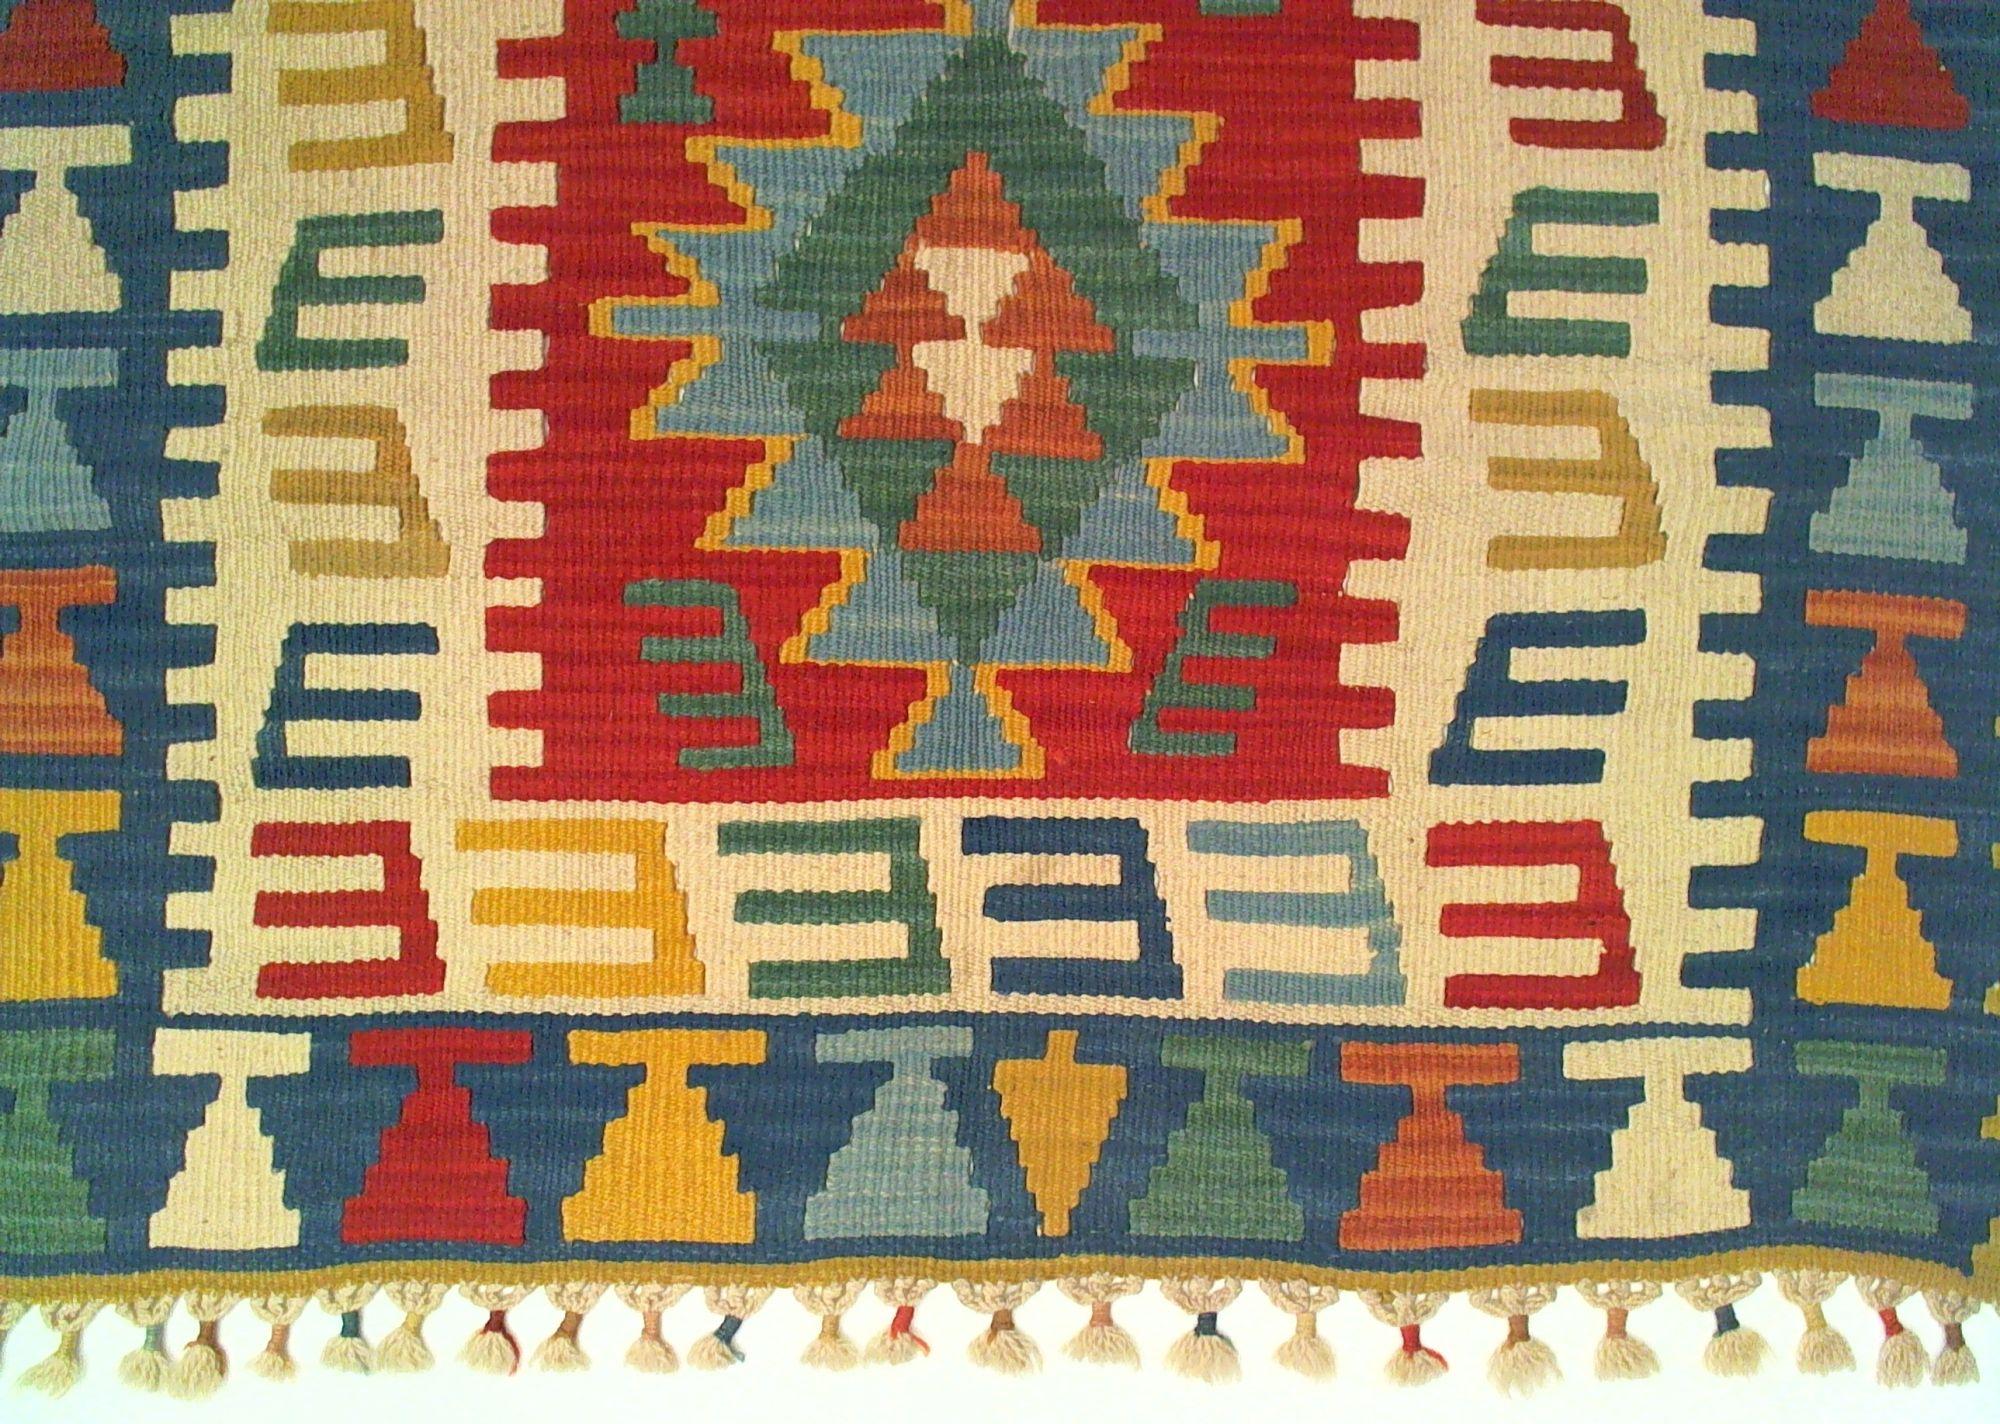 Passatoia cucina cotone: tappeti cucina colorati stuoie economiche ...